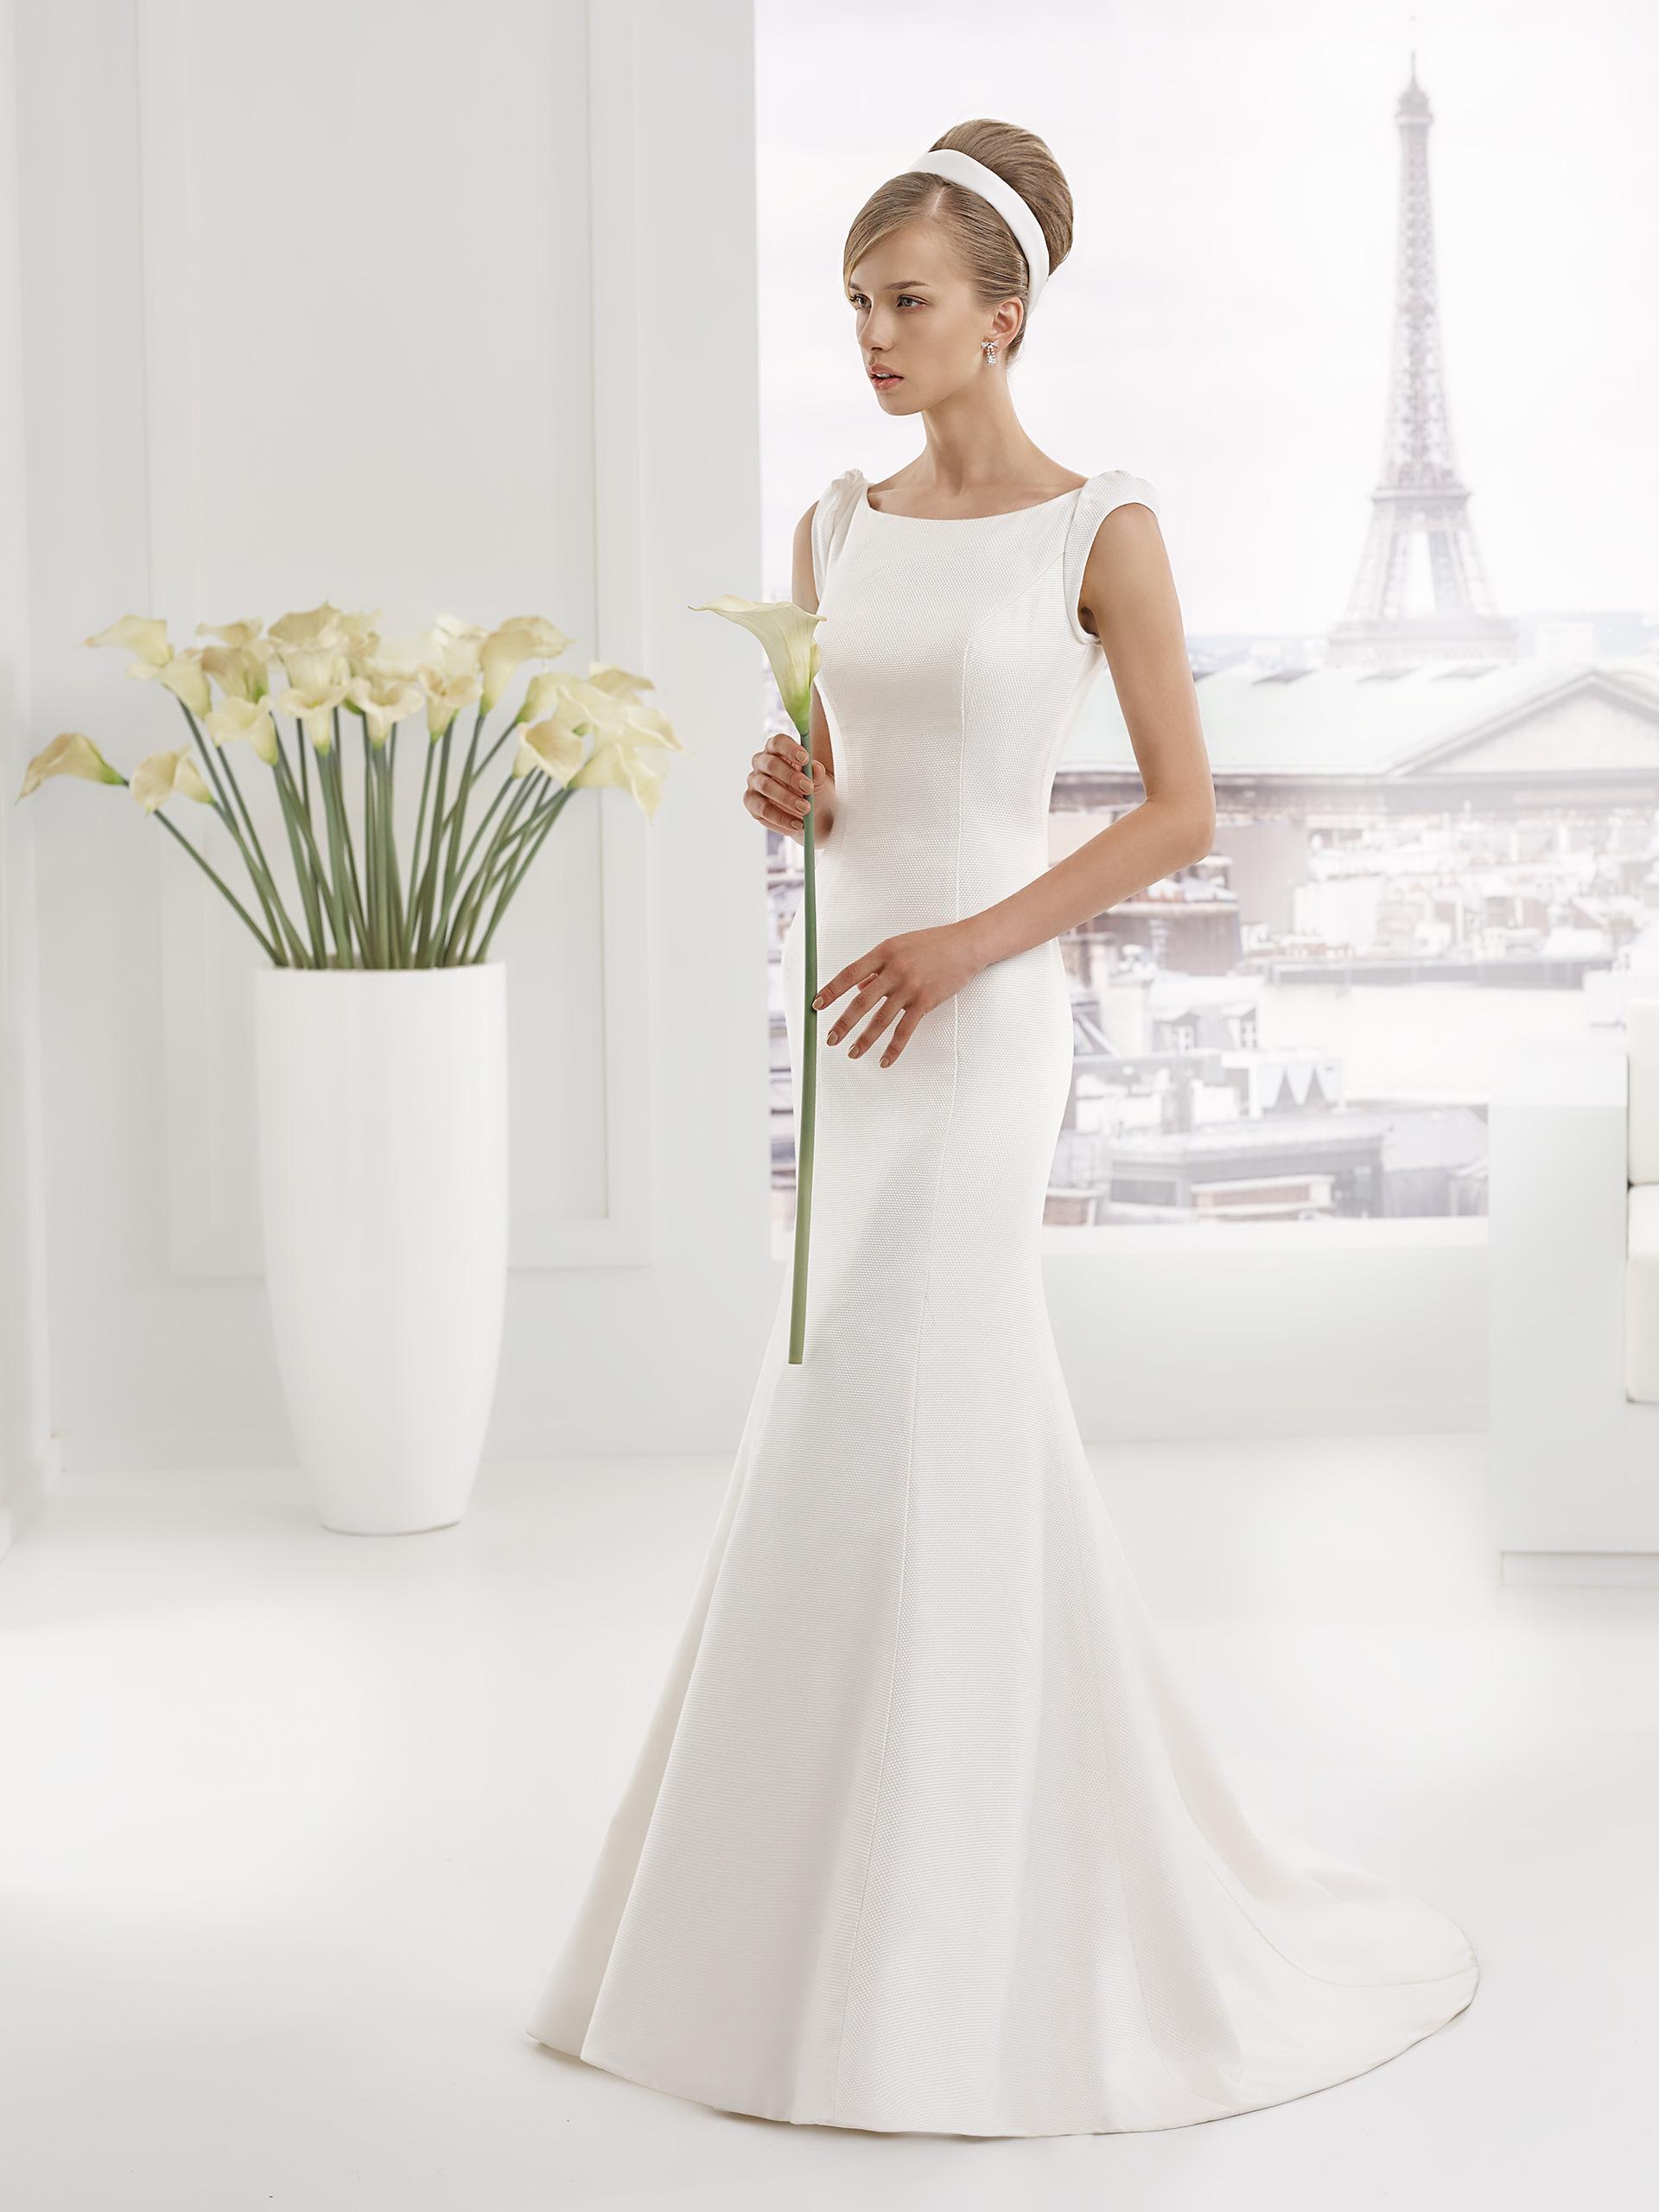 La robe de mariée Starlite est confectionnée en piqué de coton et vous  donne une ligne élégante pour créer une silhouette très féminine.